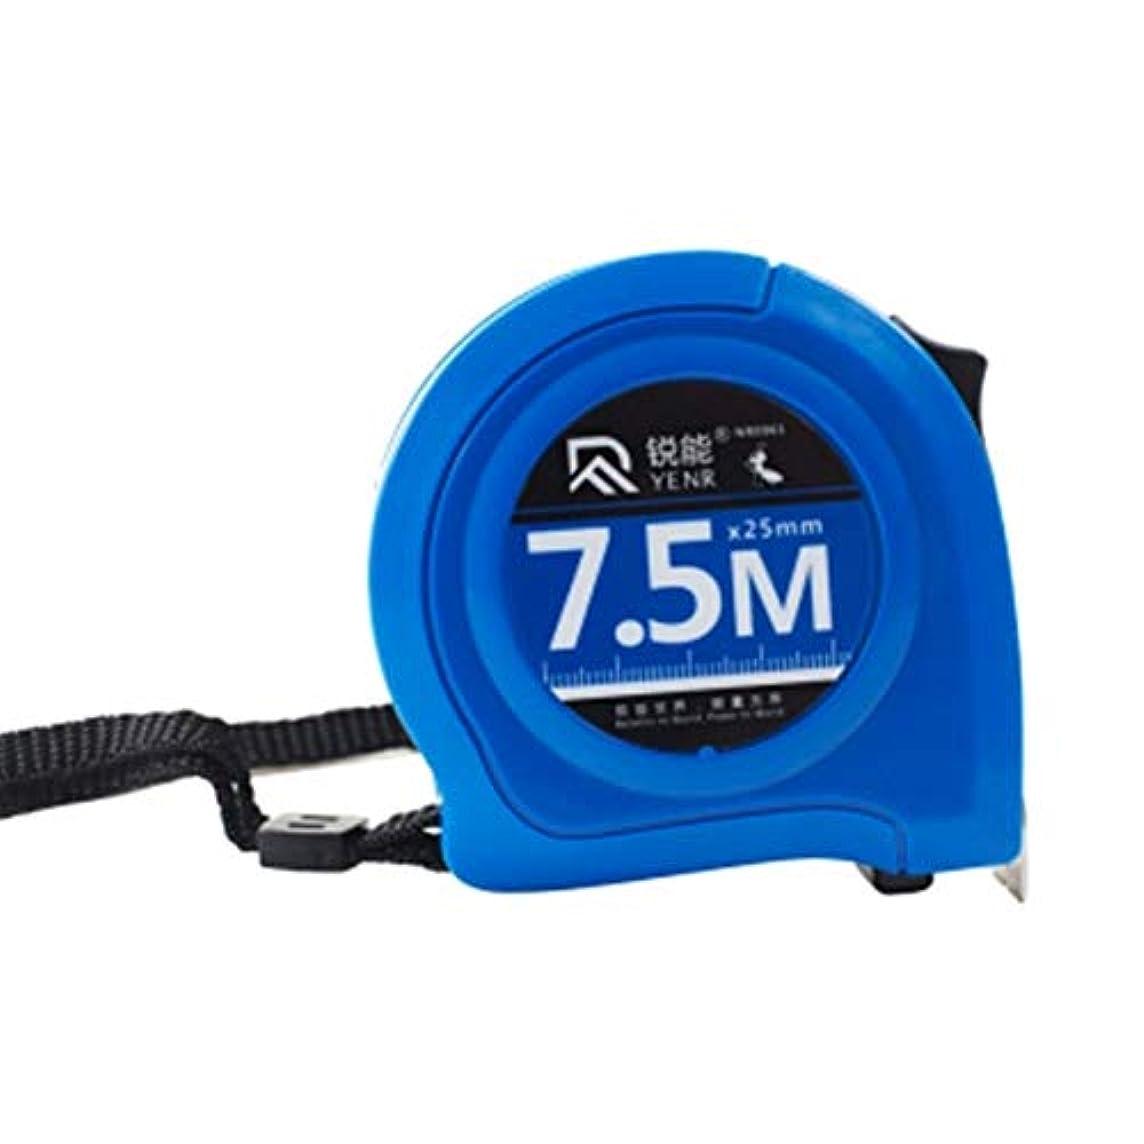 オーバーフロー運搬潜水艦LIMINGMENG メジャーの3メートル、5メートル、7.5メートルスチールメジャー、測定ツールボックス定規、伸縮定規、定規メートル、メートル法テープ、高品質 (Color : 7.5m)